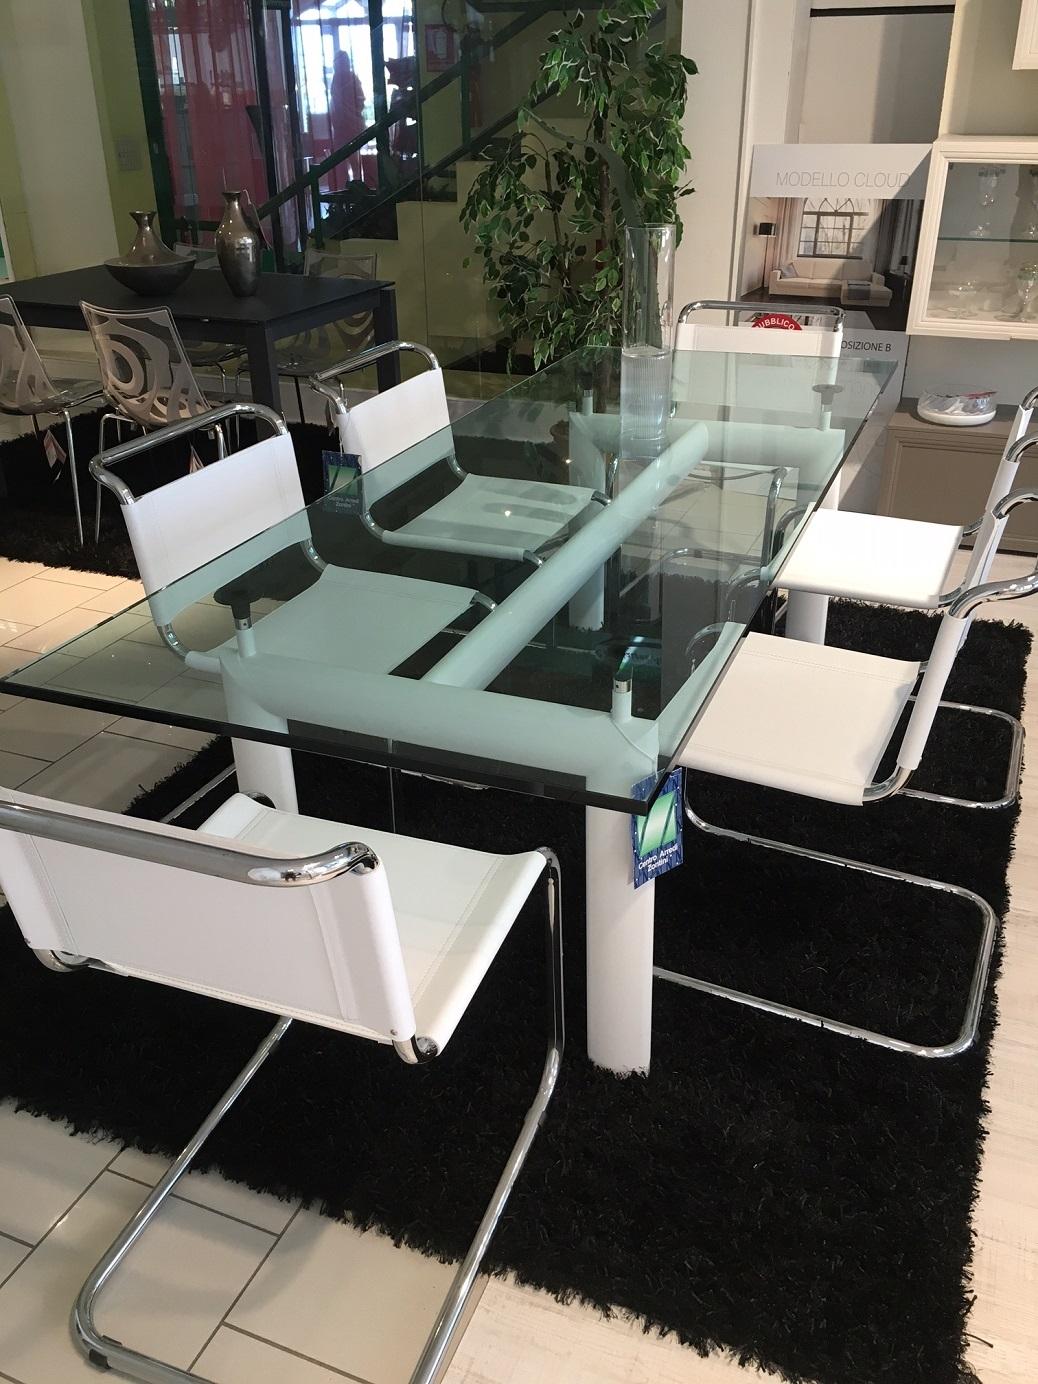 Cassina le corbusier tavolo cristallo e sedie jacobsen in cuoio vero sconto 50 tavoli a - Tavolo cristallo le corbusier ...